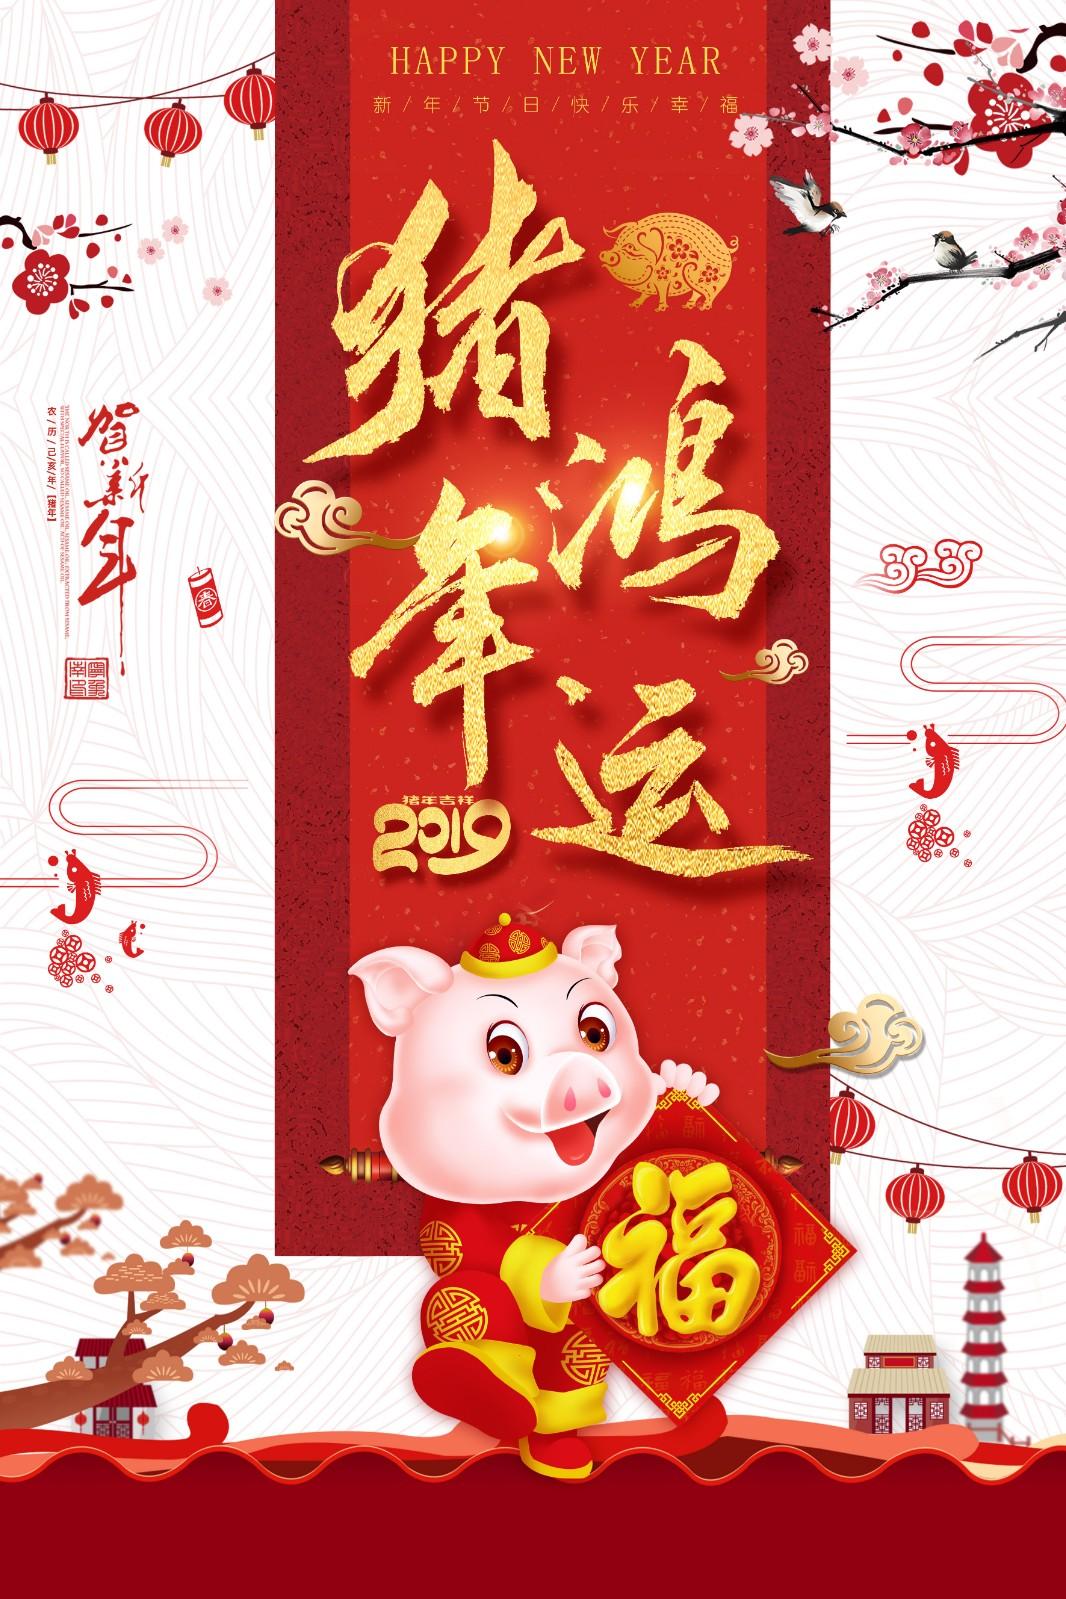 2019新年吉祥 金猪送福  节日海报